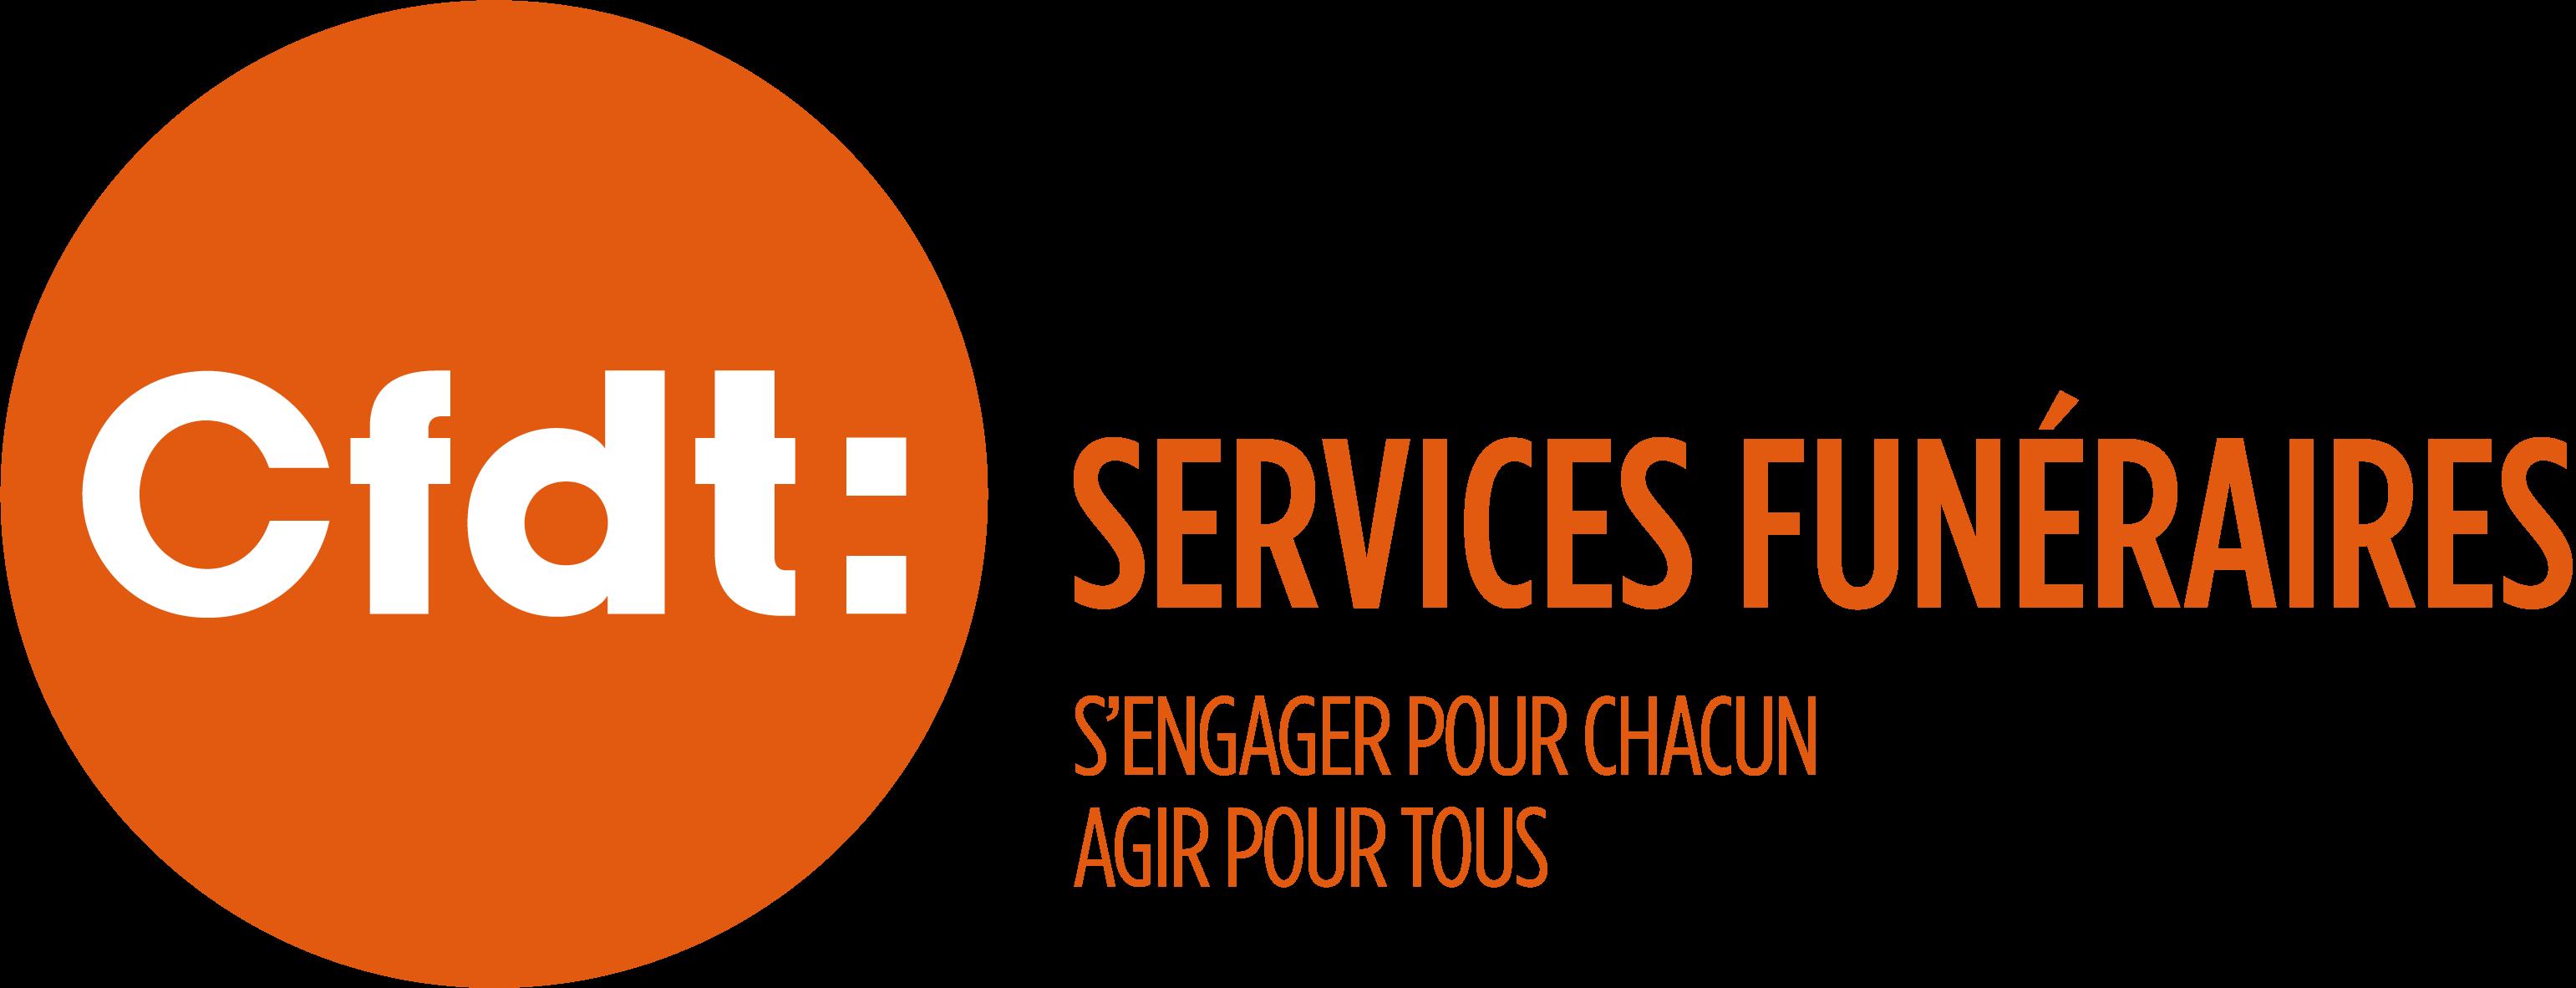 CFDT Services Funéraires